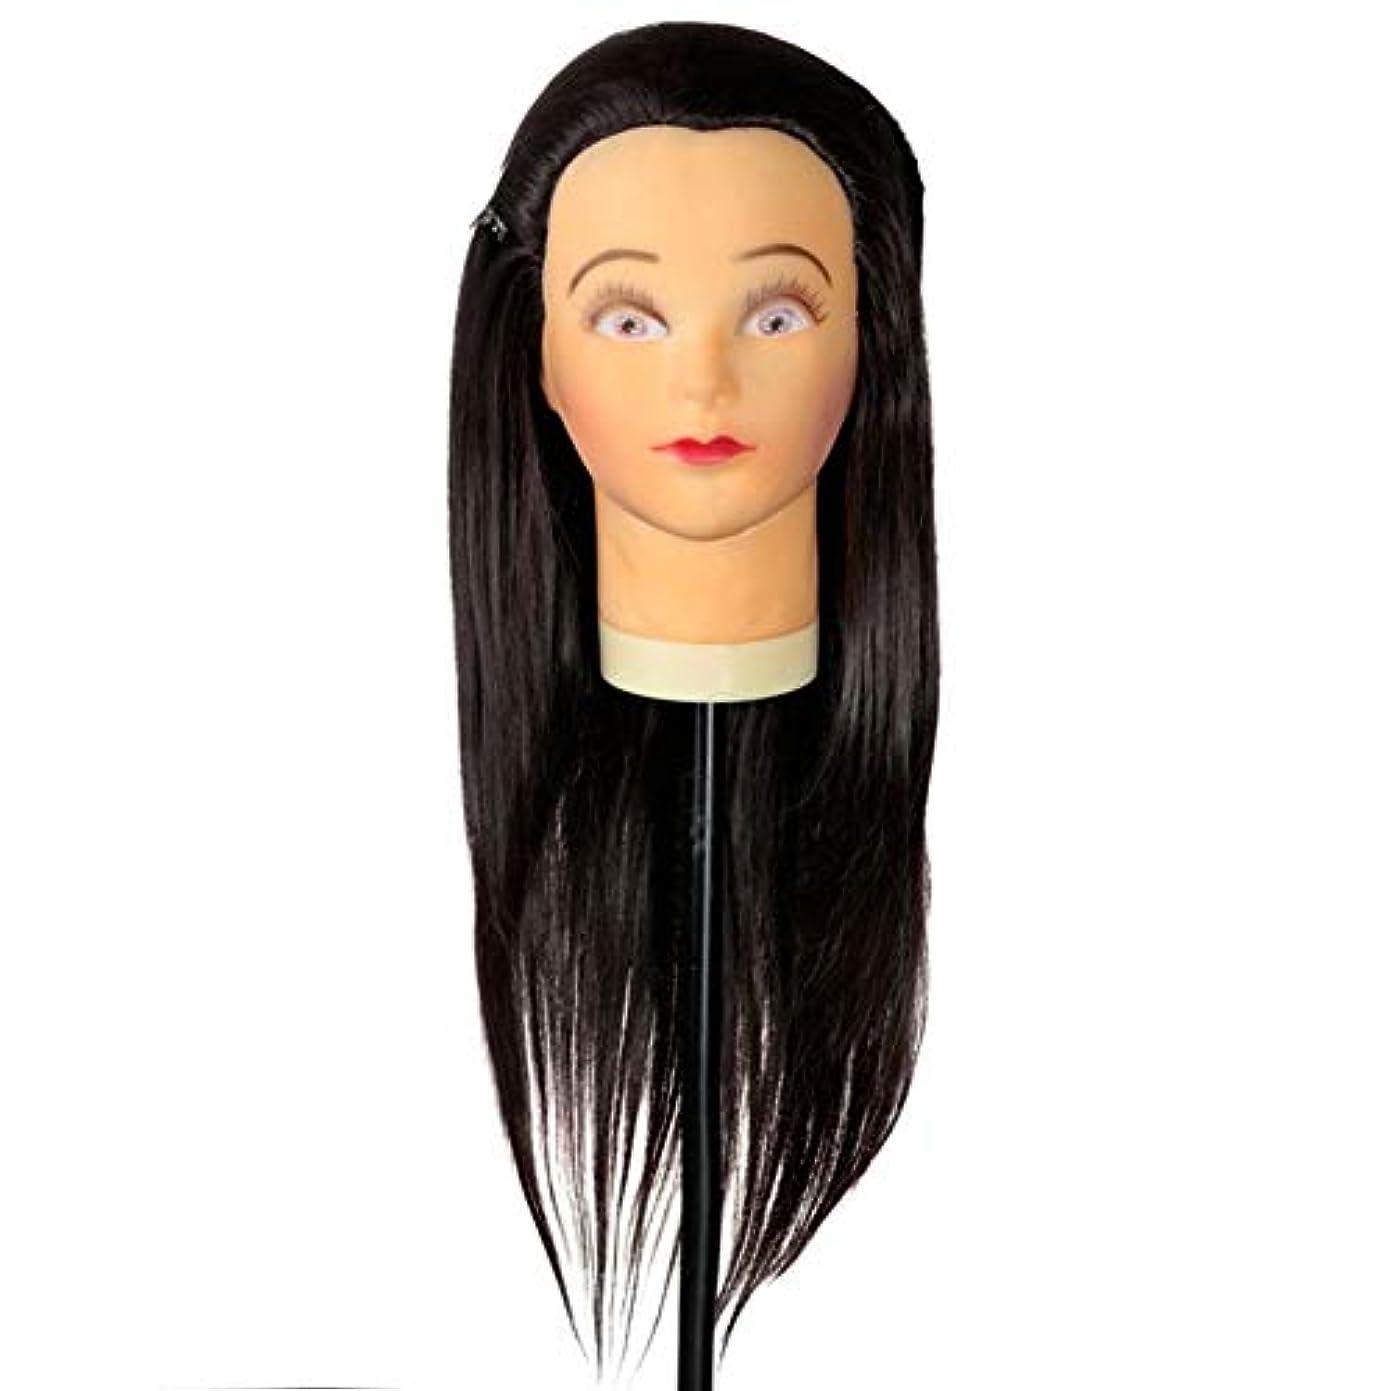 パニック母音オーナーメイクアップエクササイズディスク髪編組ヘッド金型デュアルユースダミーヘッドモデルヘッド美容ヘアカットティーチングヘッドかつら